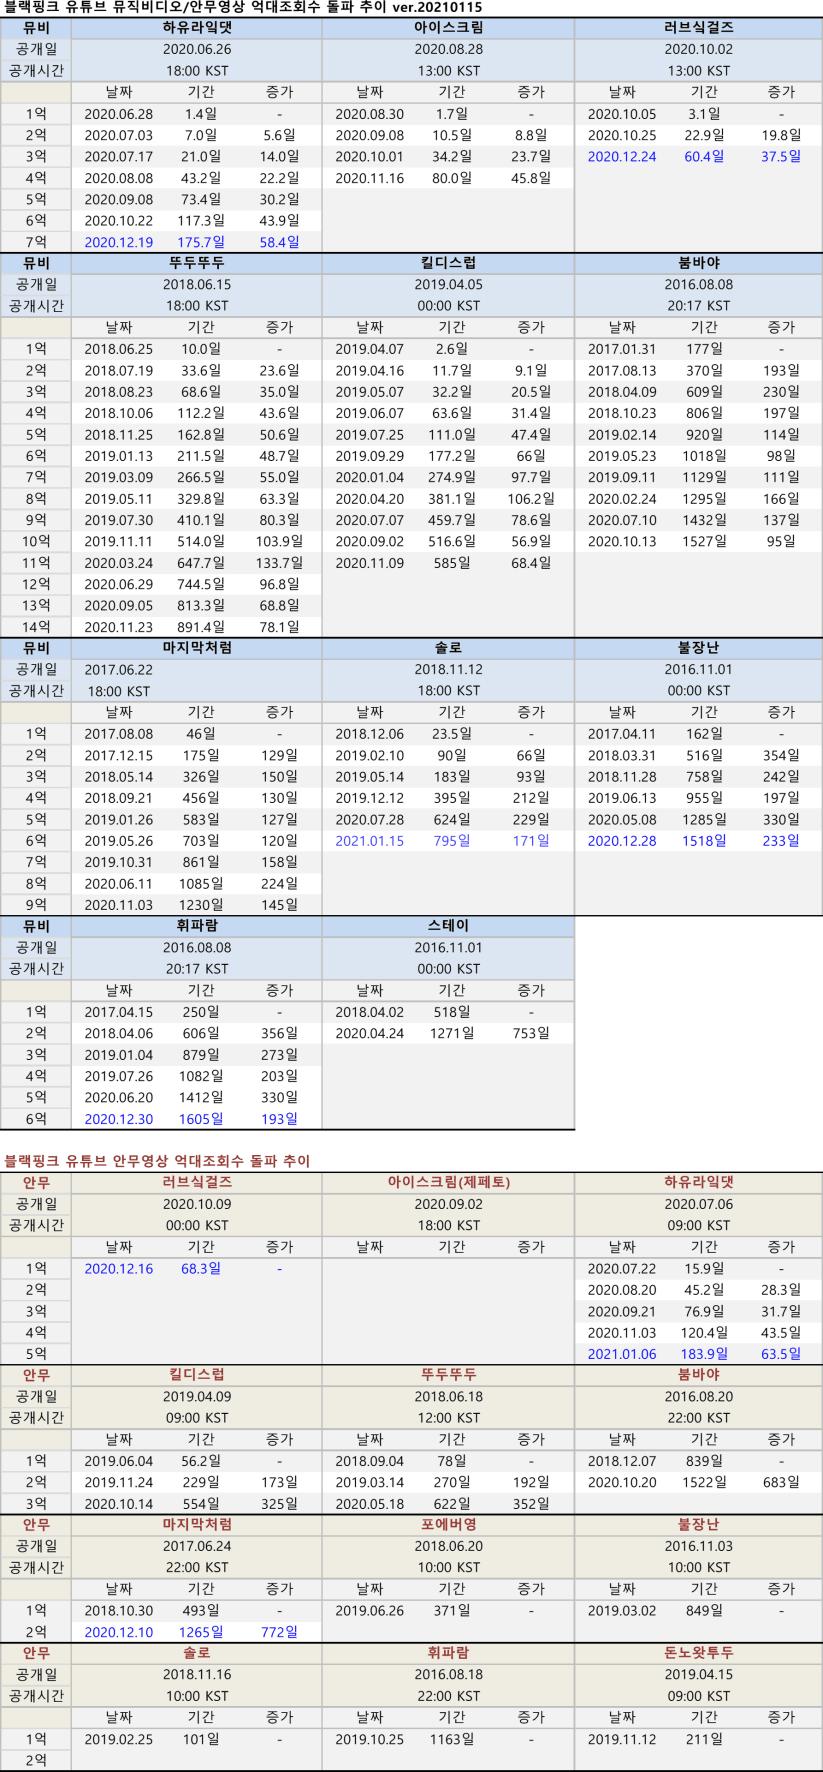 viewimage.php?id=2fb1d125eec231a865&no=24b0d769e1d32ca73fec82fa11d028313f7ca0229f7ff0a914a04ad5fd589e1cbeb3f9b7013d0642e3cb3478a9f7b151ed72388a3062869277c832a0af25b6bede133535